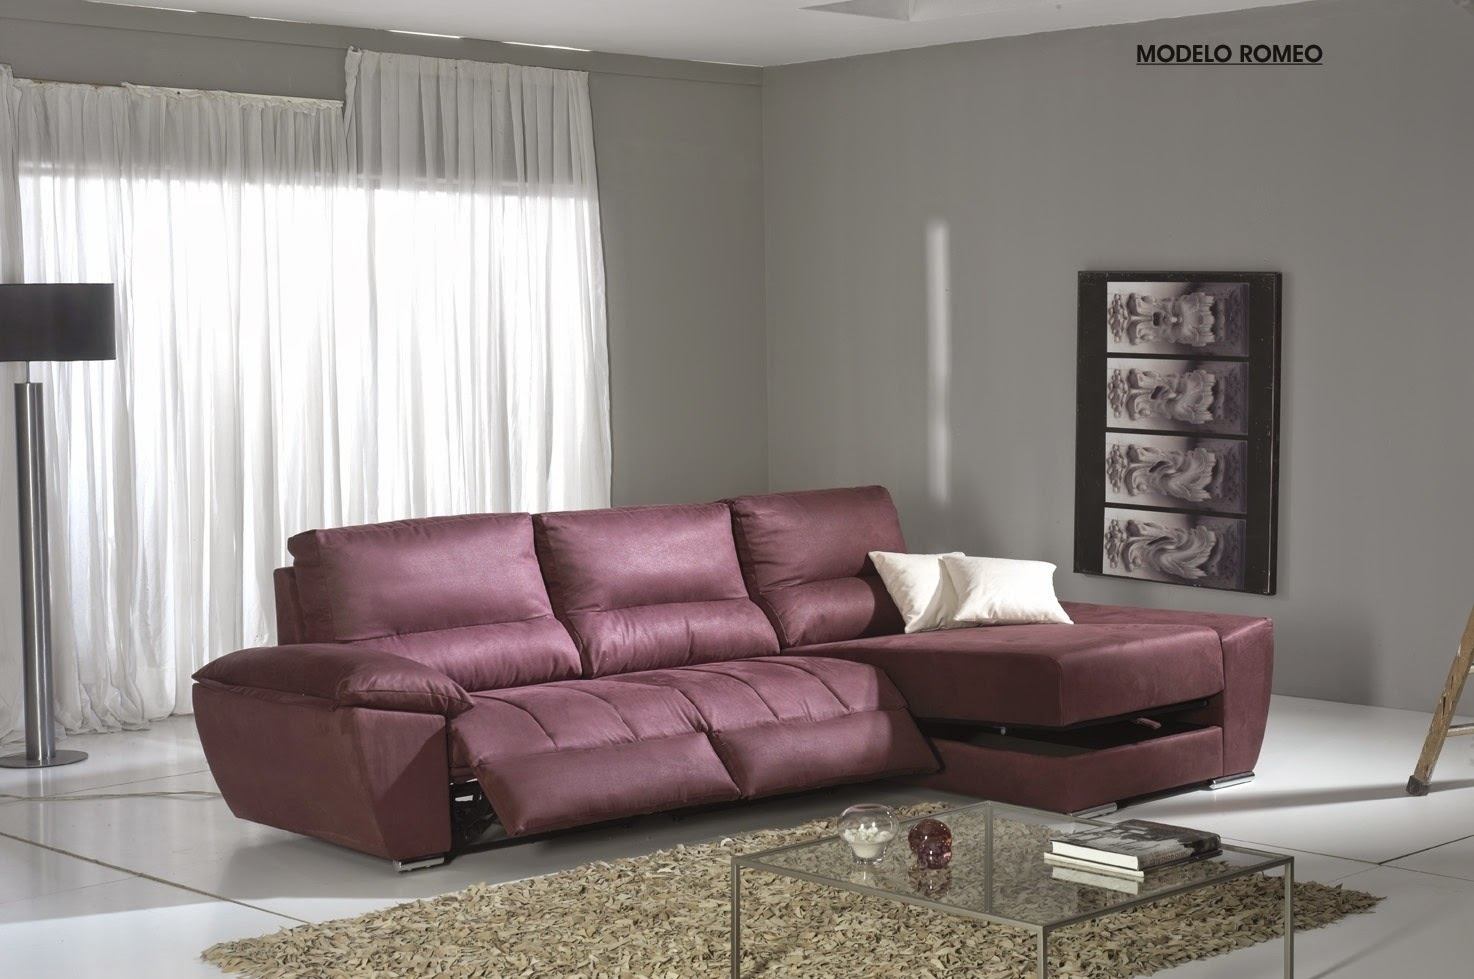 Tiendas De Muebles Ourense Free Cama Extensible De Ikea With  # Muebles Requejo